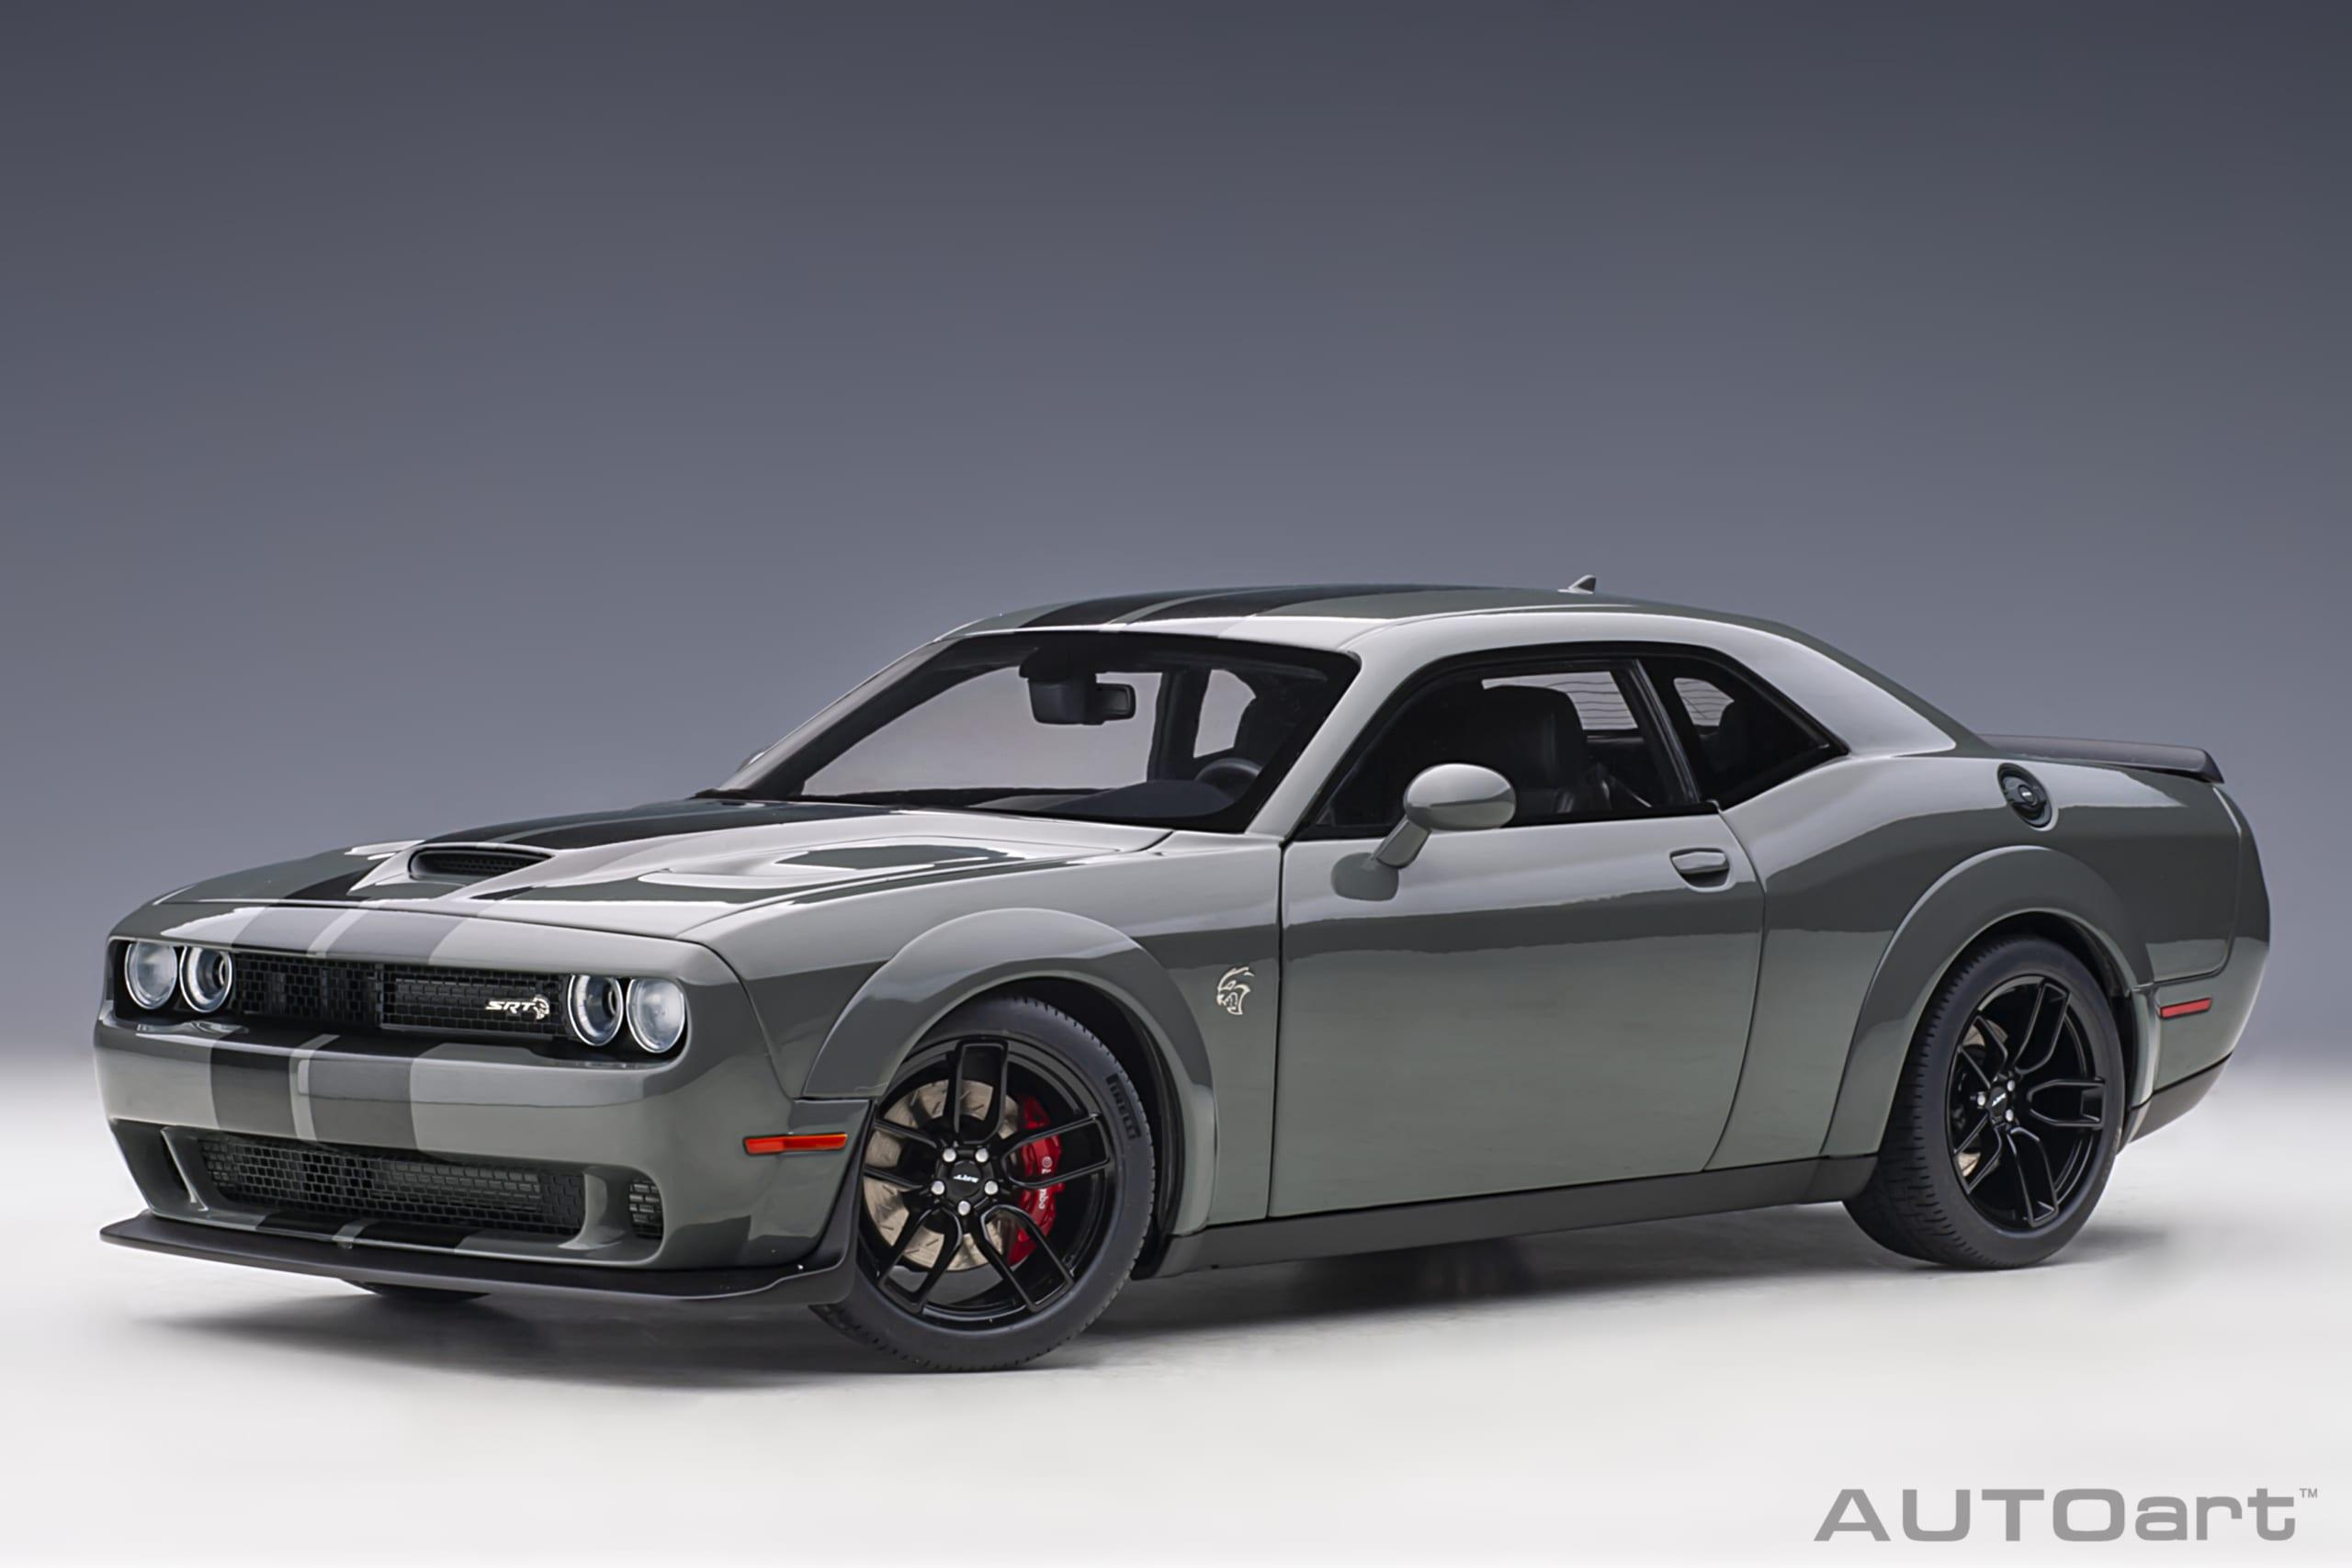 voiture de sport grise coupe